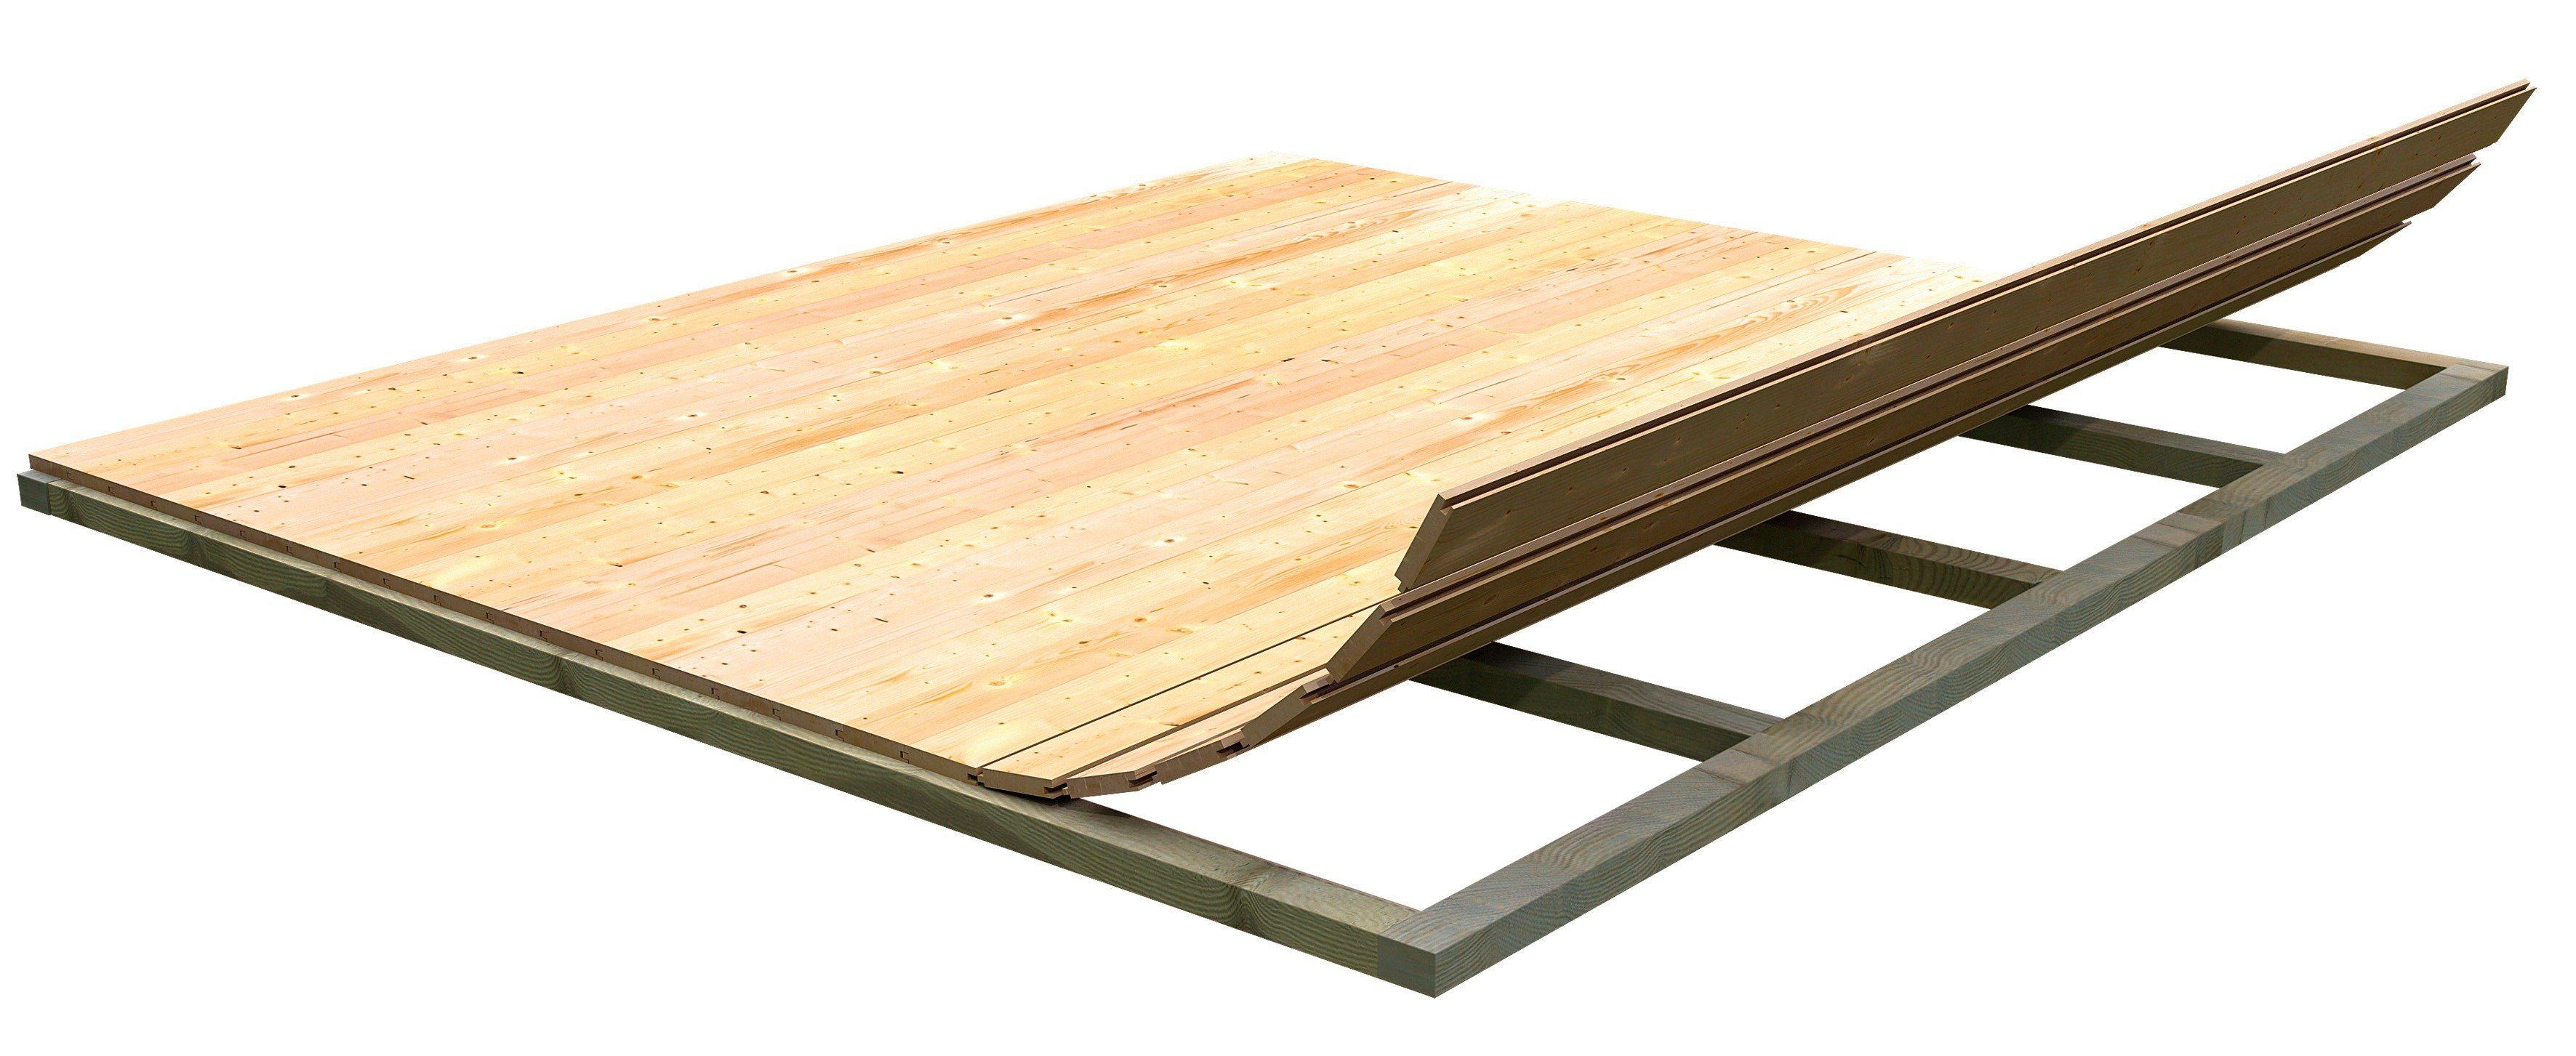 Fußboden für Gartenhäuser, BxT: 260x240 cm